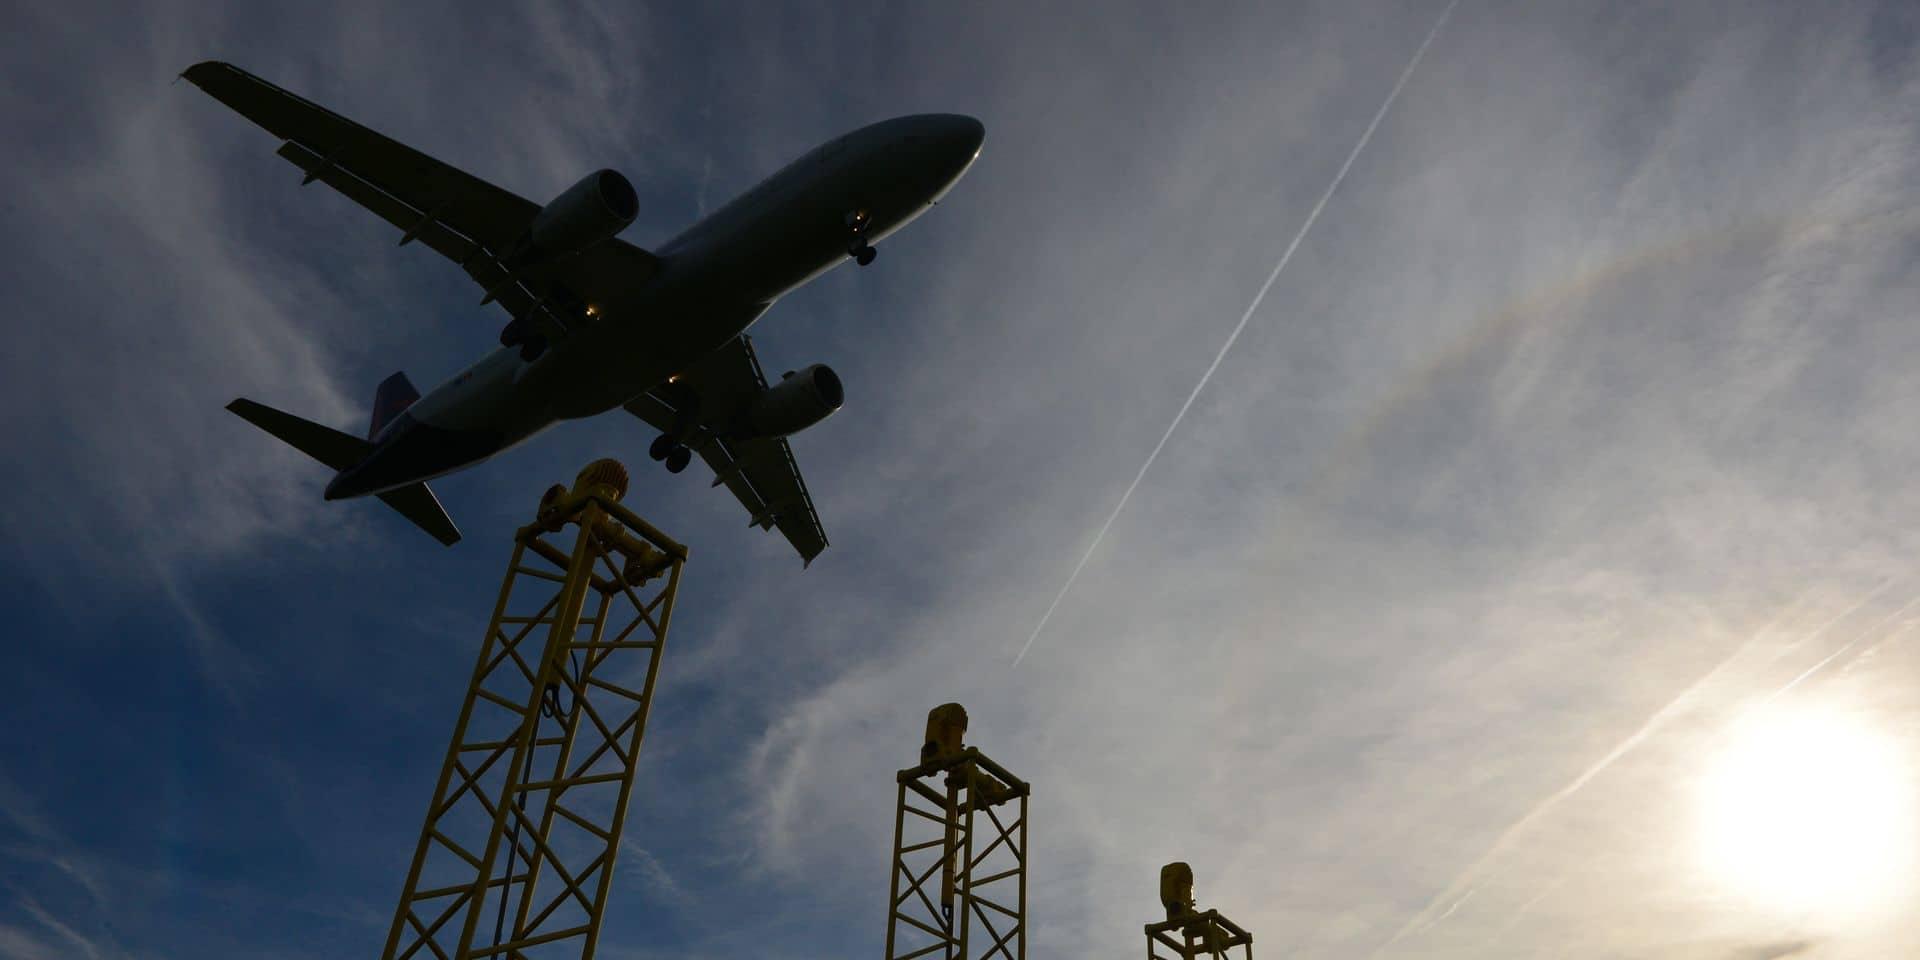 Nuisances des avions : l'Etat fédéral devra payer 770.000 euros d'astreintes à Bruxelles pour le mois de mai